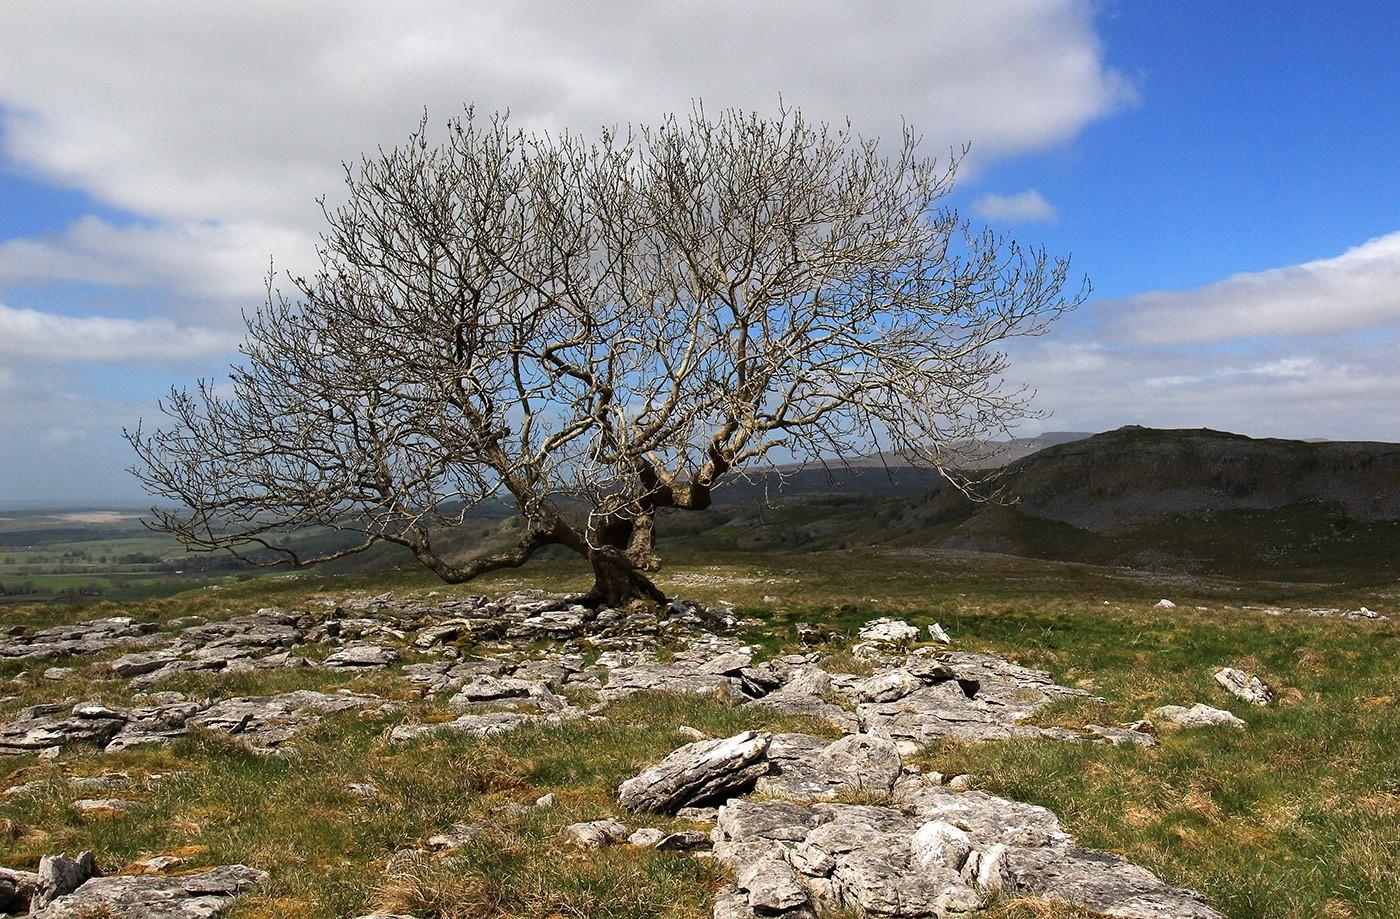 Lone Tree on Limestone